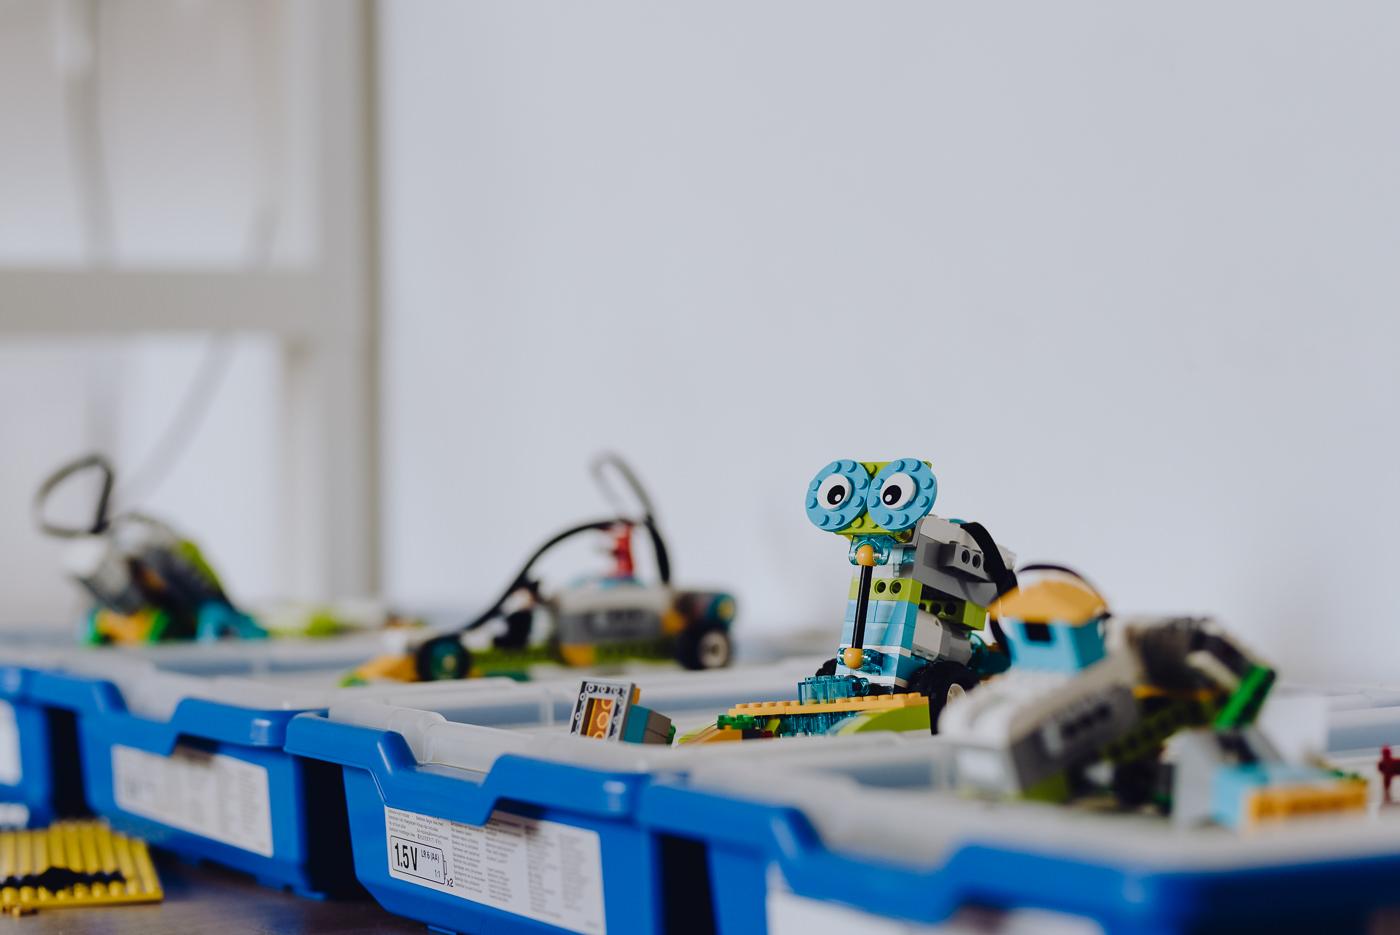 Klocki lego roboty